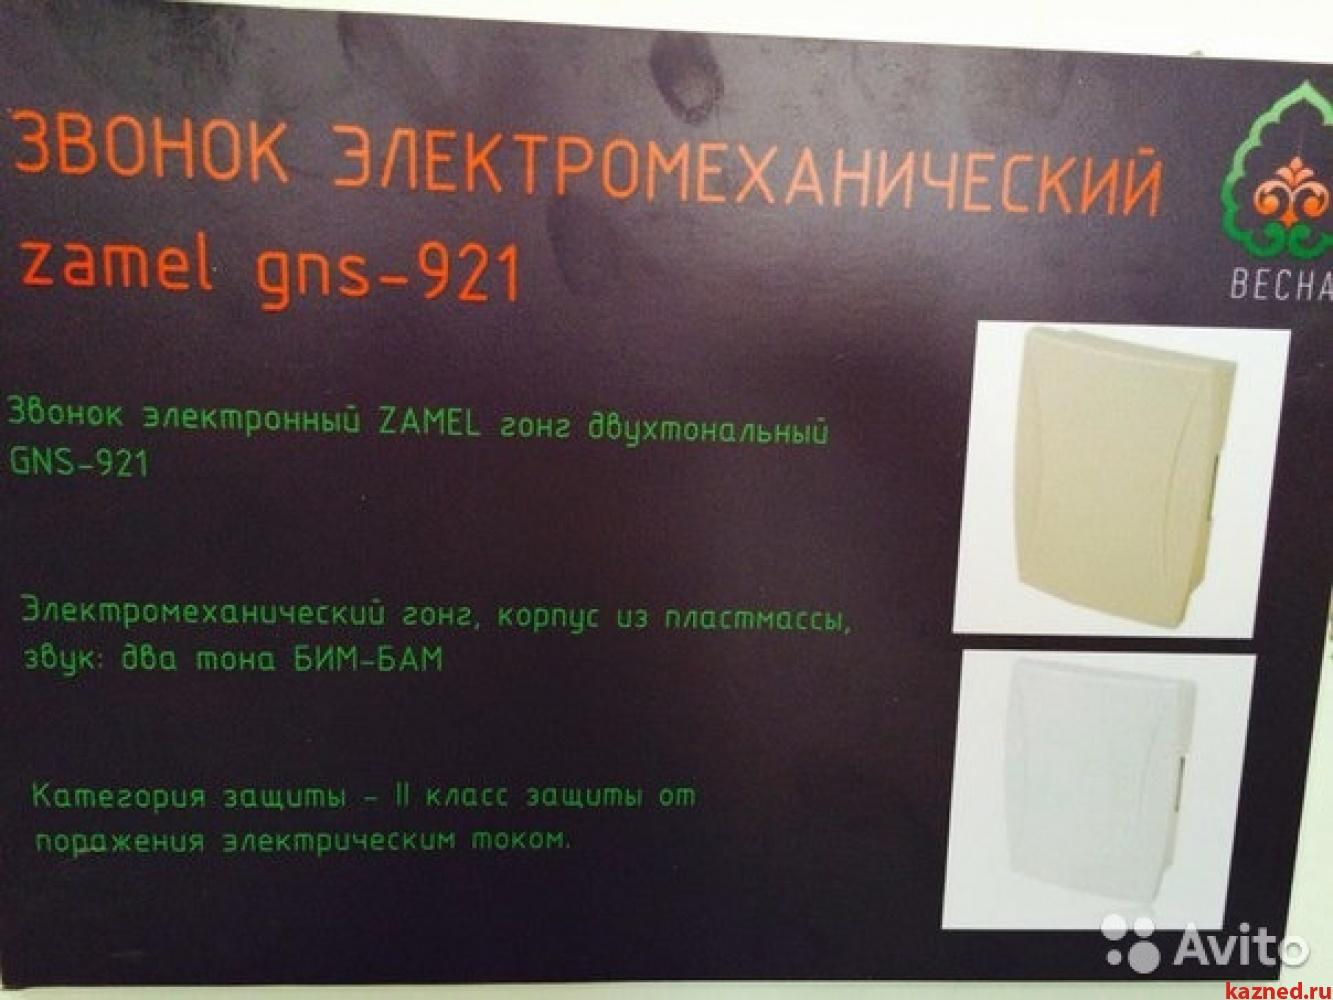 Продажа 2-к квартиры Мамадышский тракт Весна, 56 м2  (миниатюра №4)